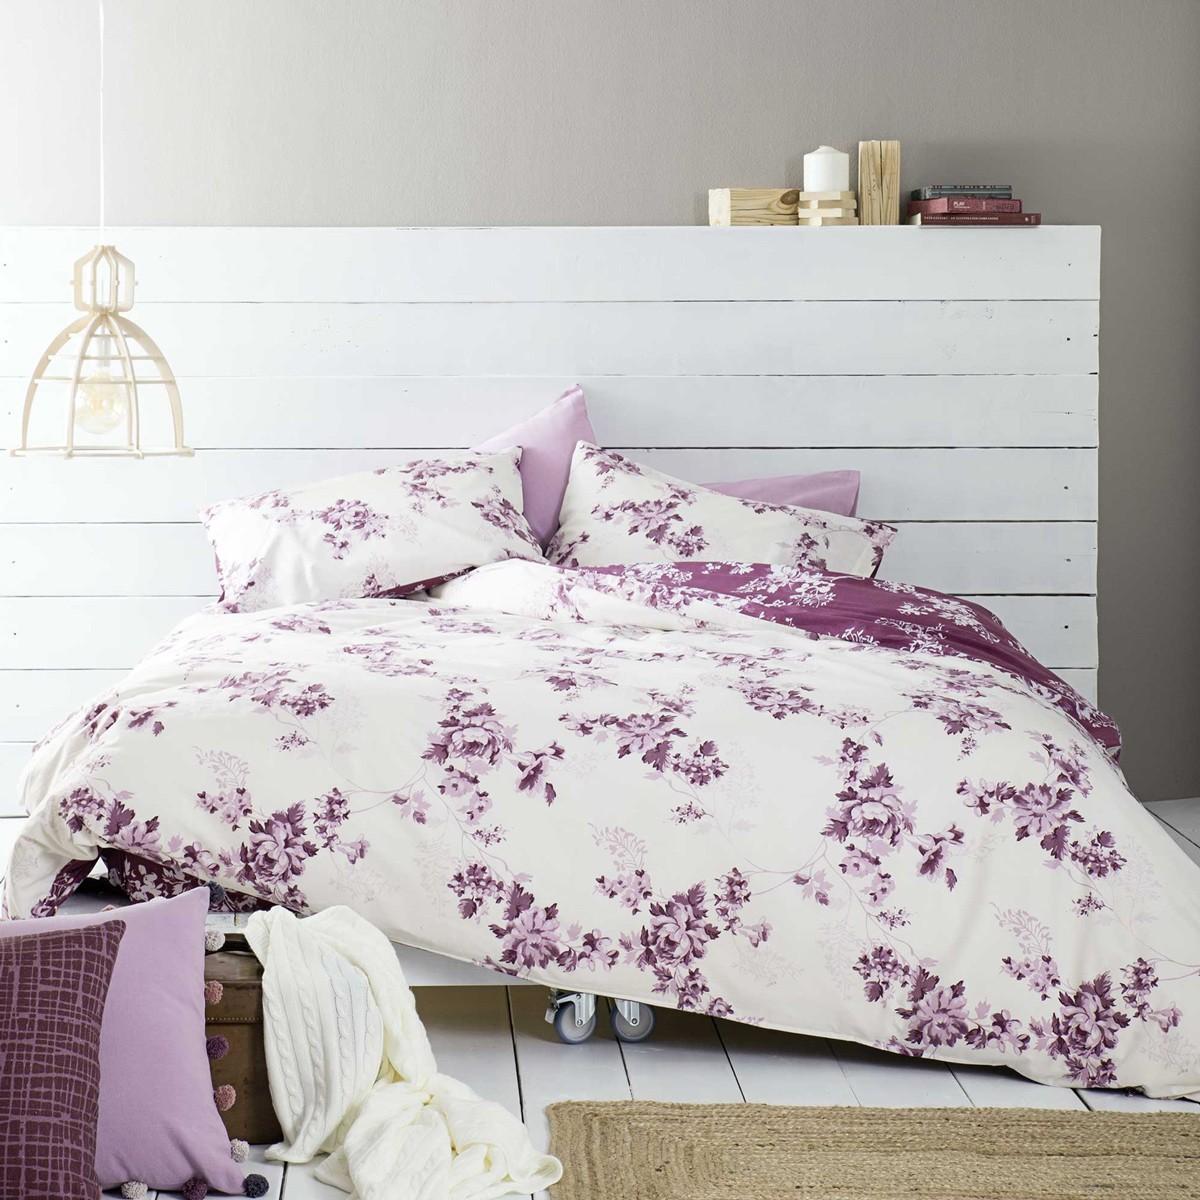 Παπλωματοθήκη Υπέρδιπλη (Σετ) Nima Bed Linen Carmelita Pink